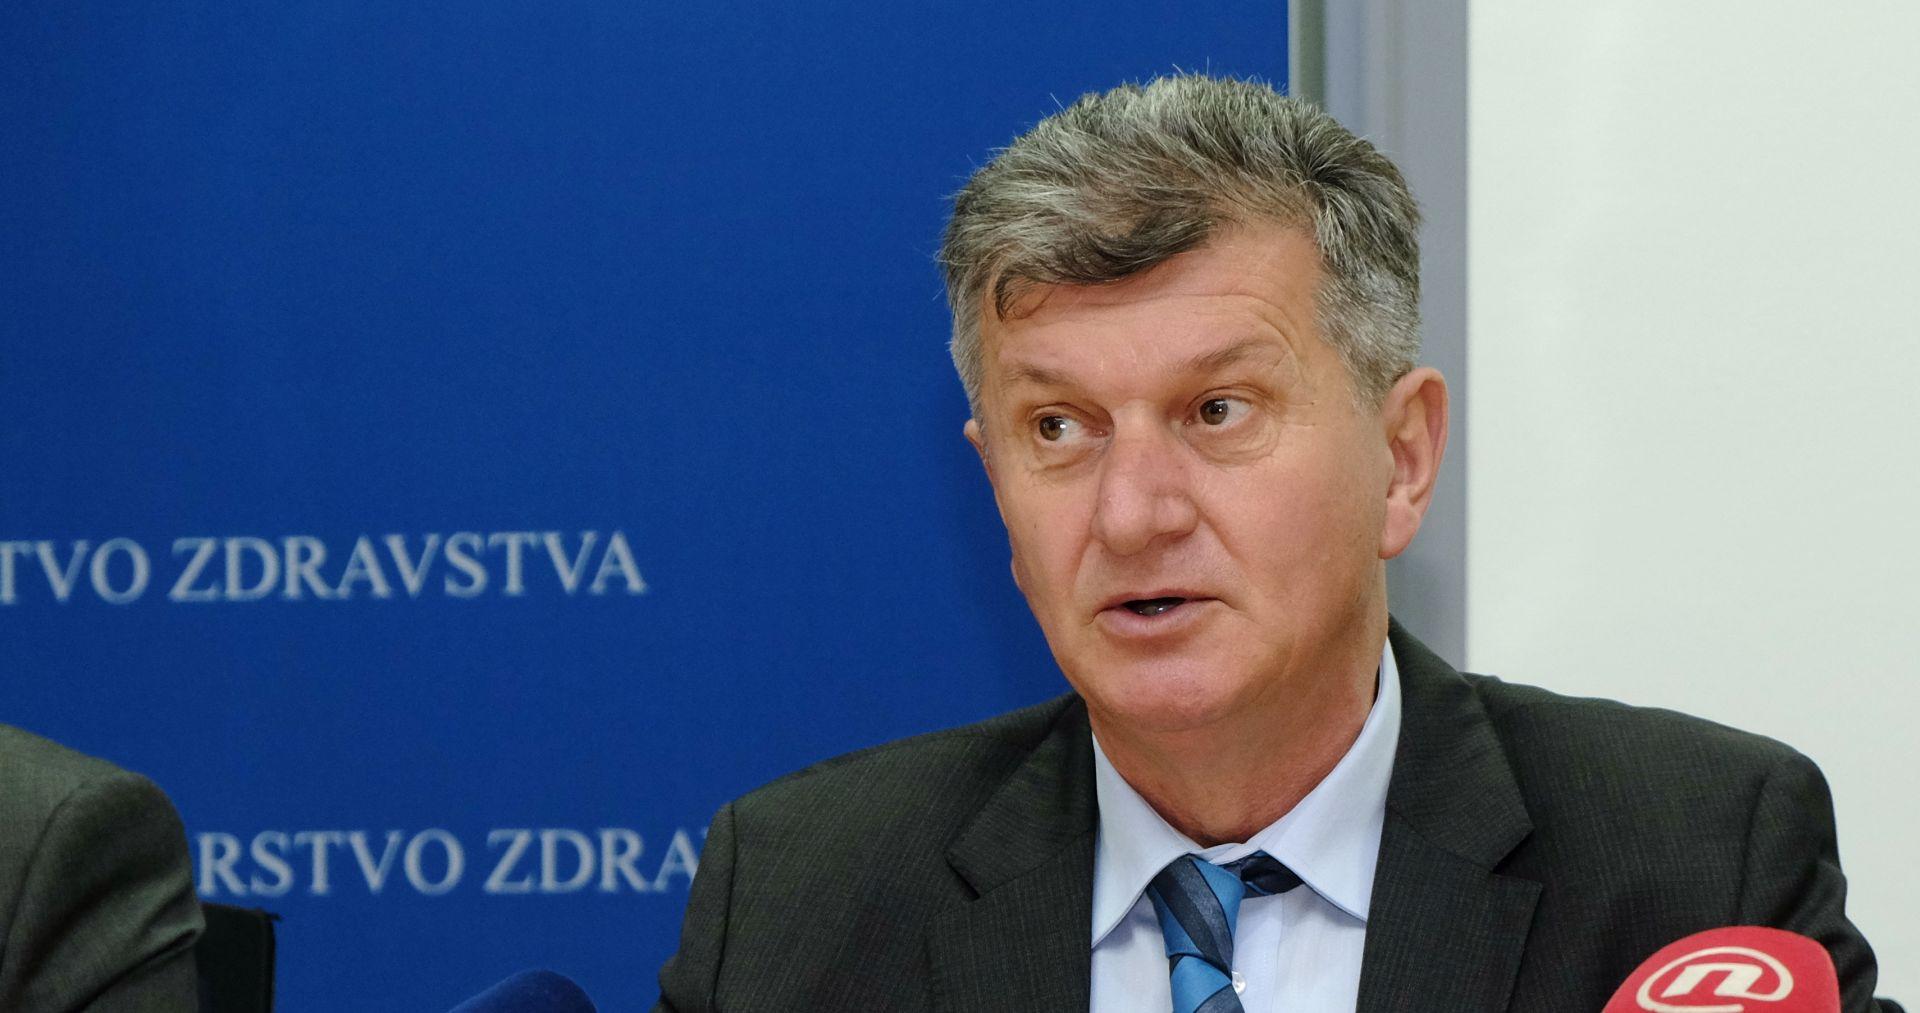 'Petero djece na terapiji Spinrazom veliki je iskorak za Hrvatsku'